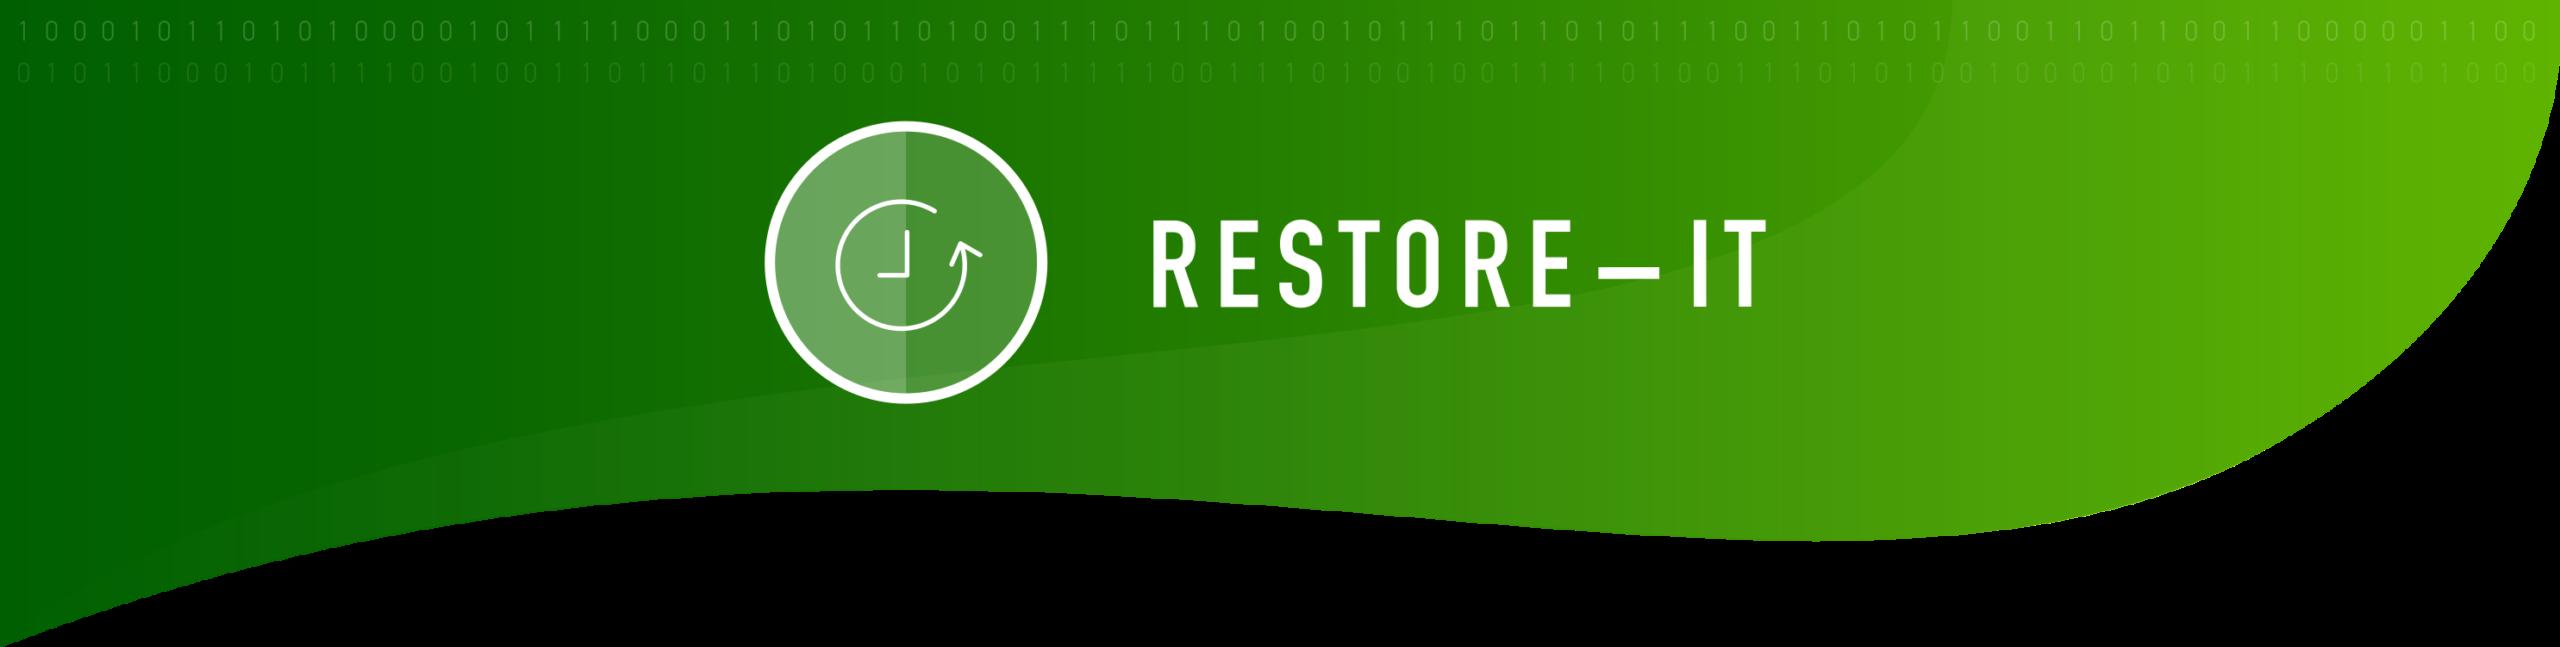 Sileo RESTORE-IT Produktbanner